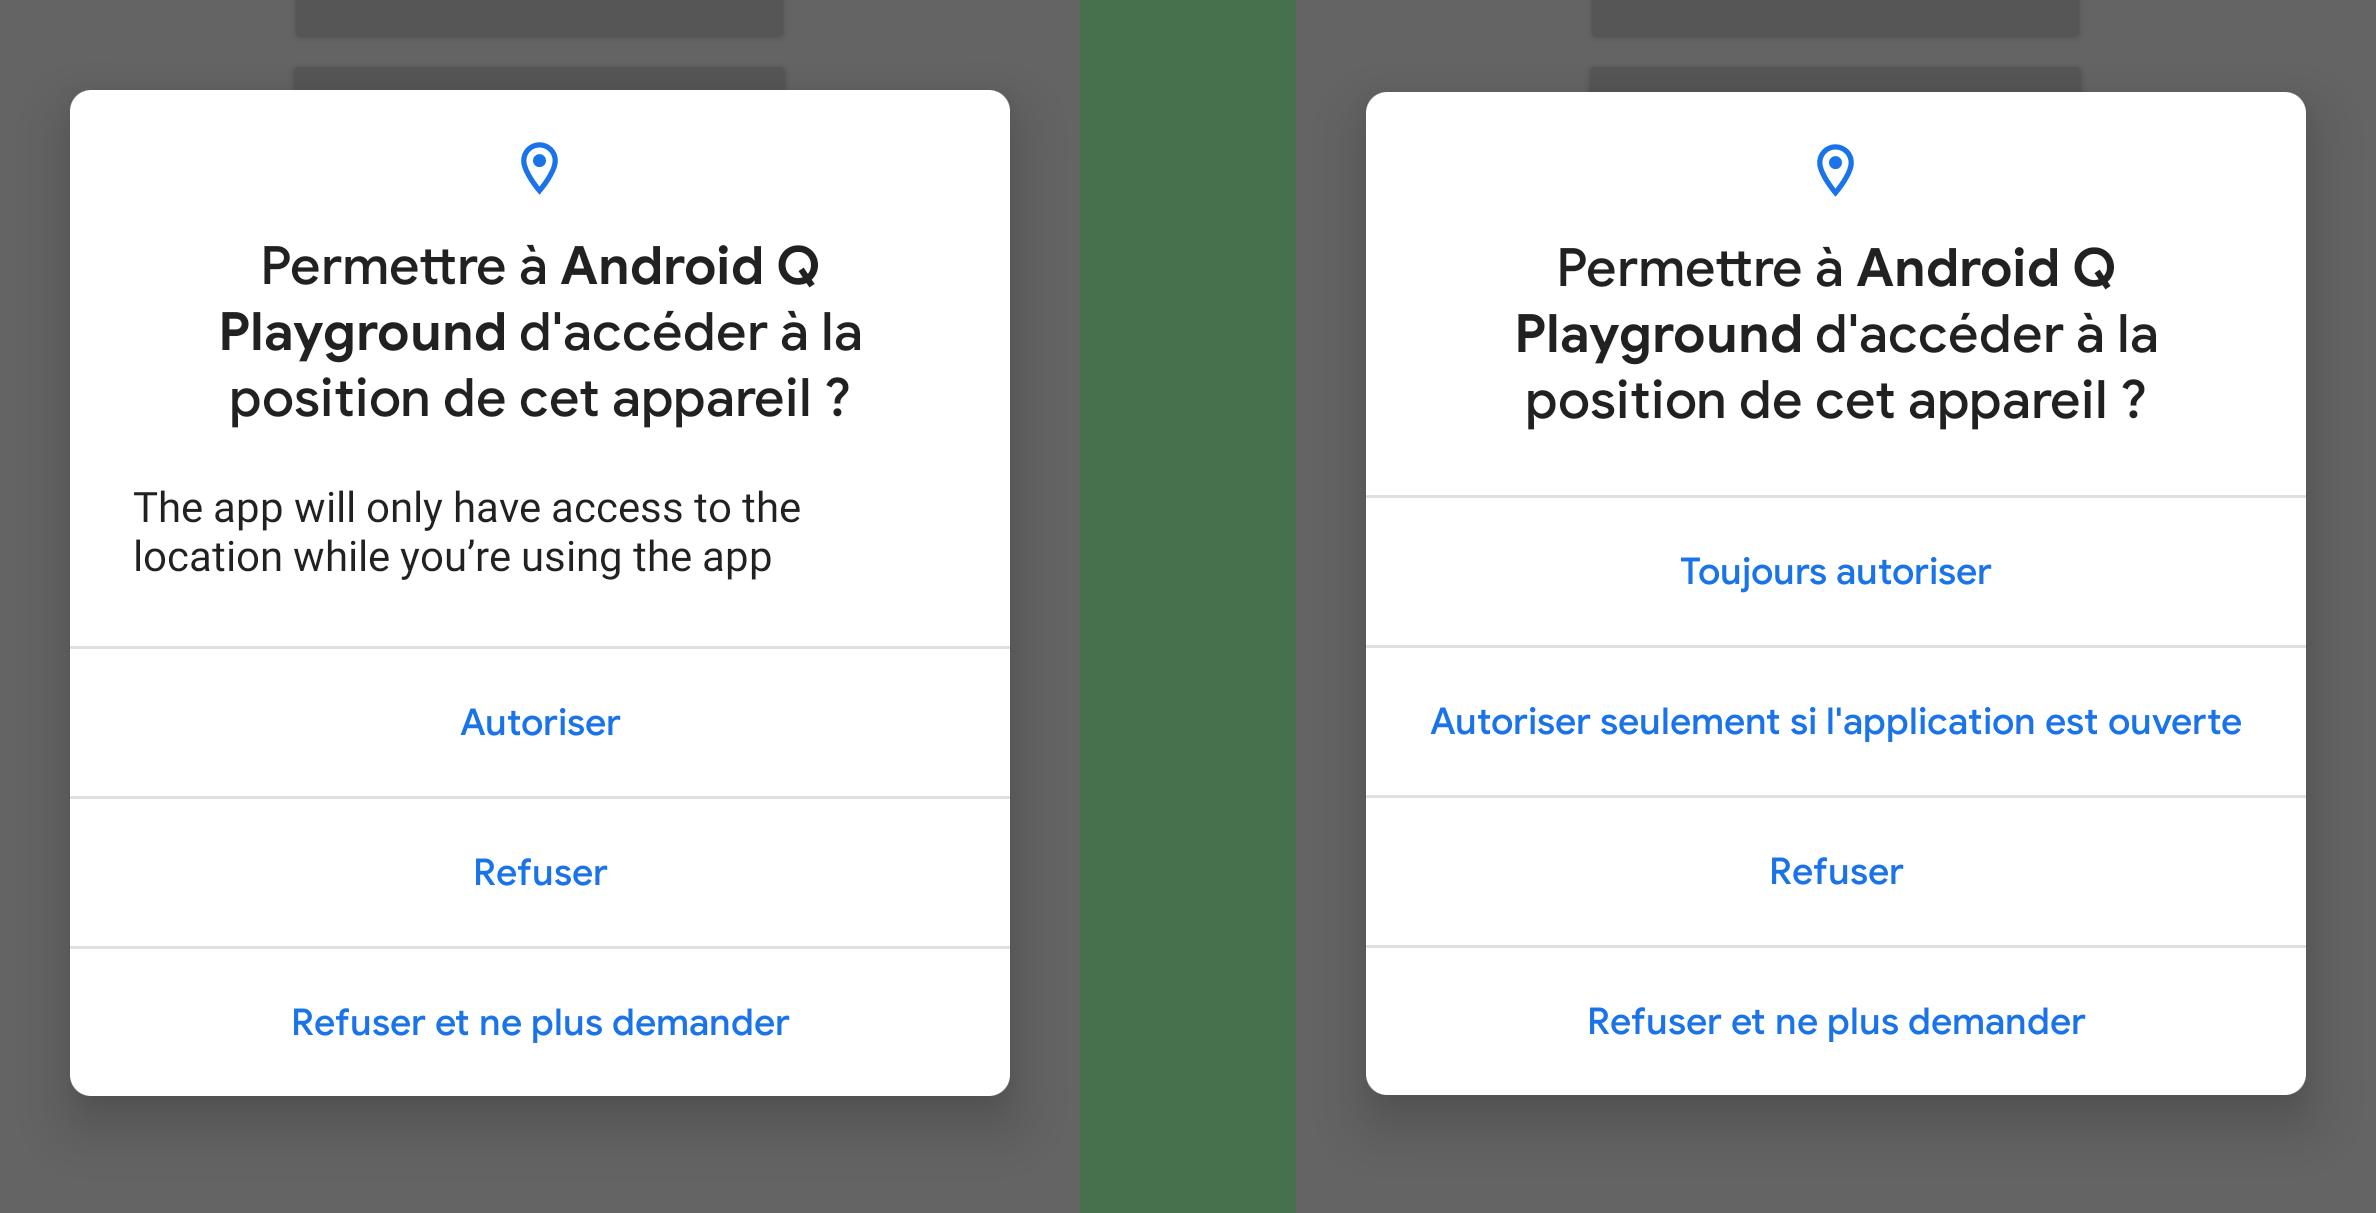 Android Q promet plus de transparence sur l'accès à votre position GPS